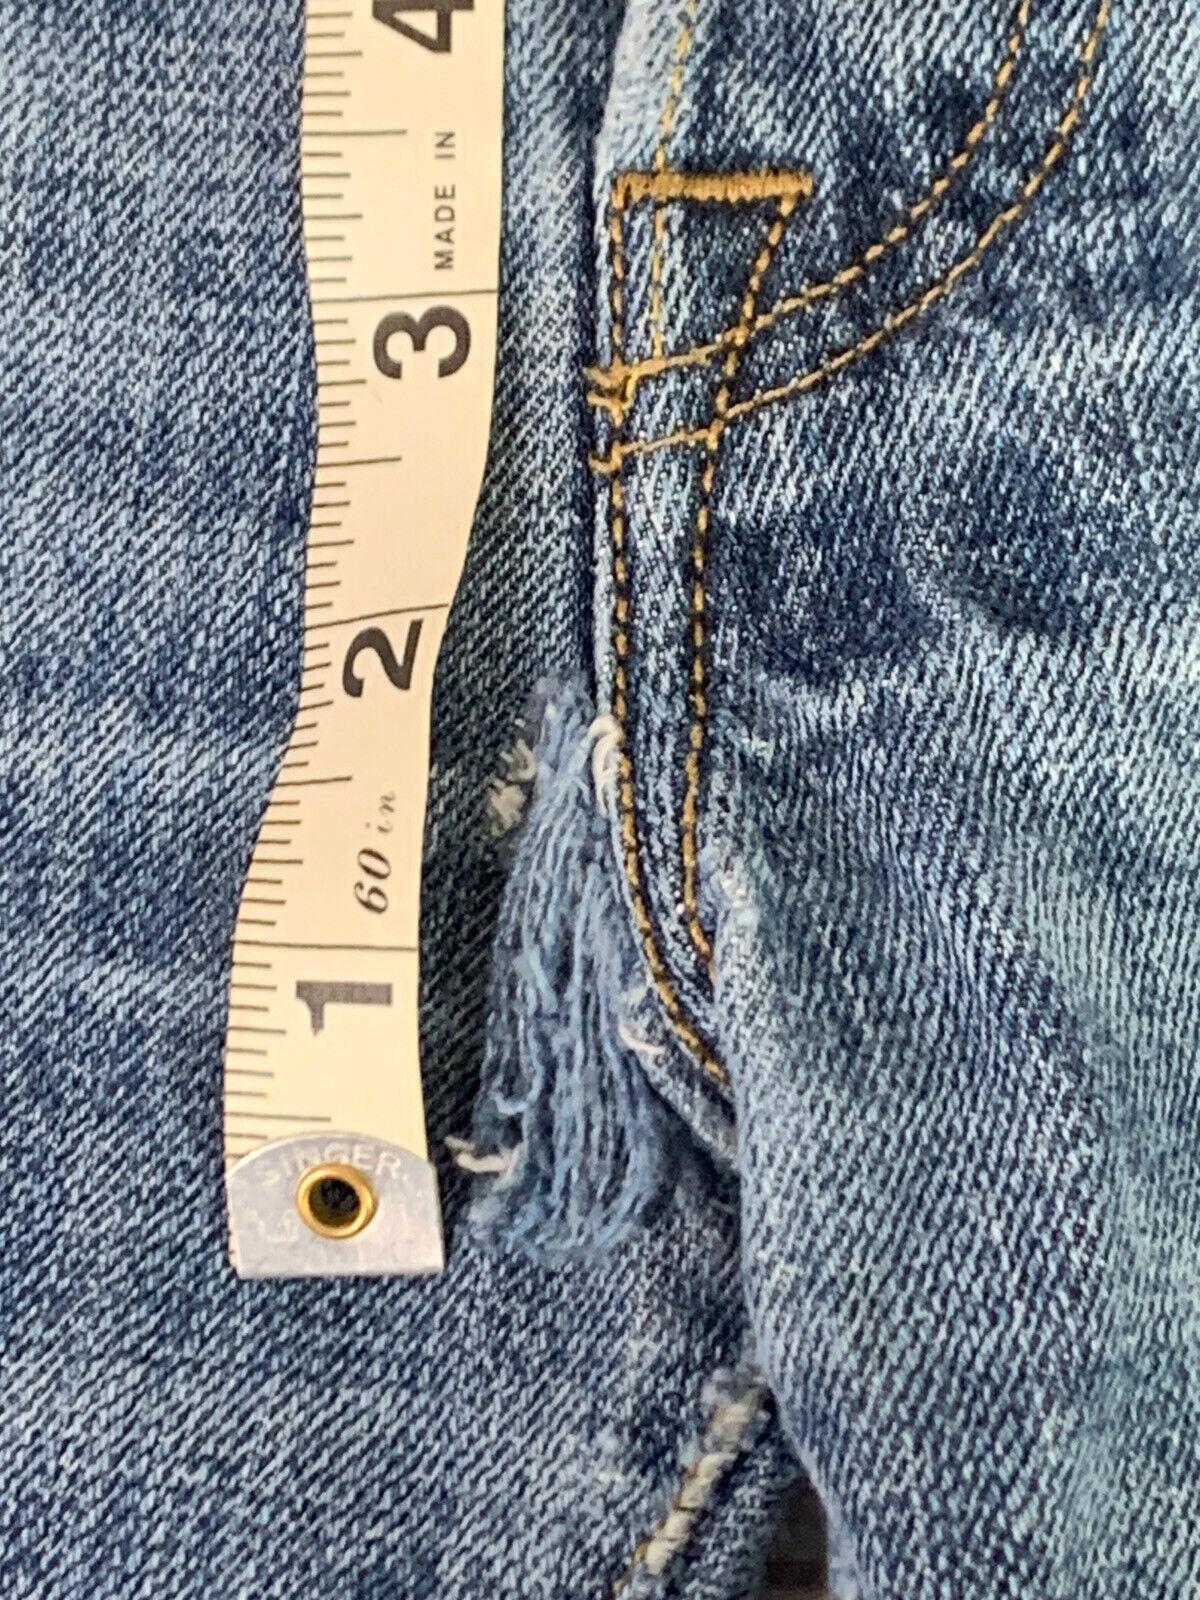 Jeans LEVIS 501 Label Size 34x32 Distressed Blue … - image 6